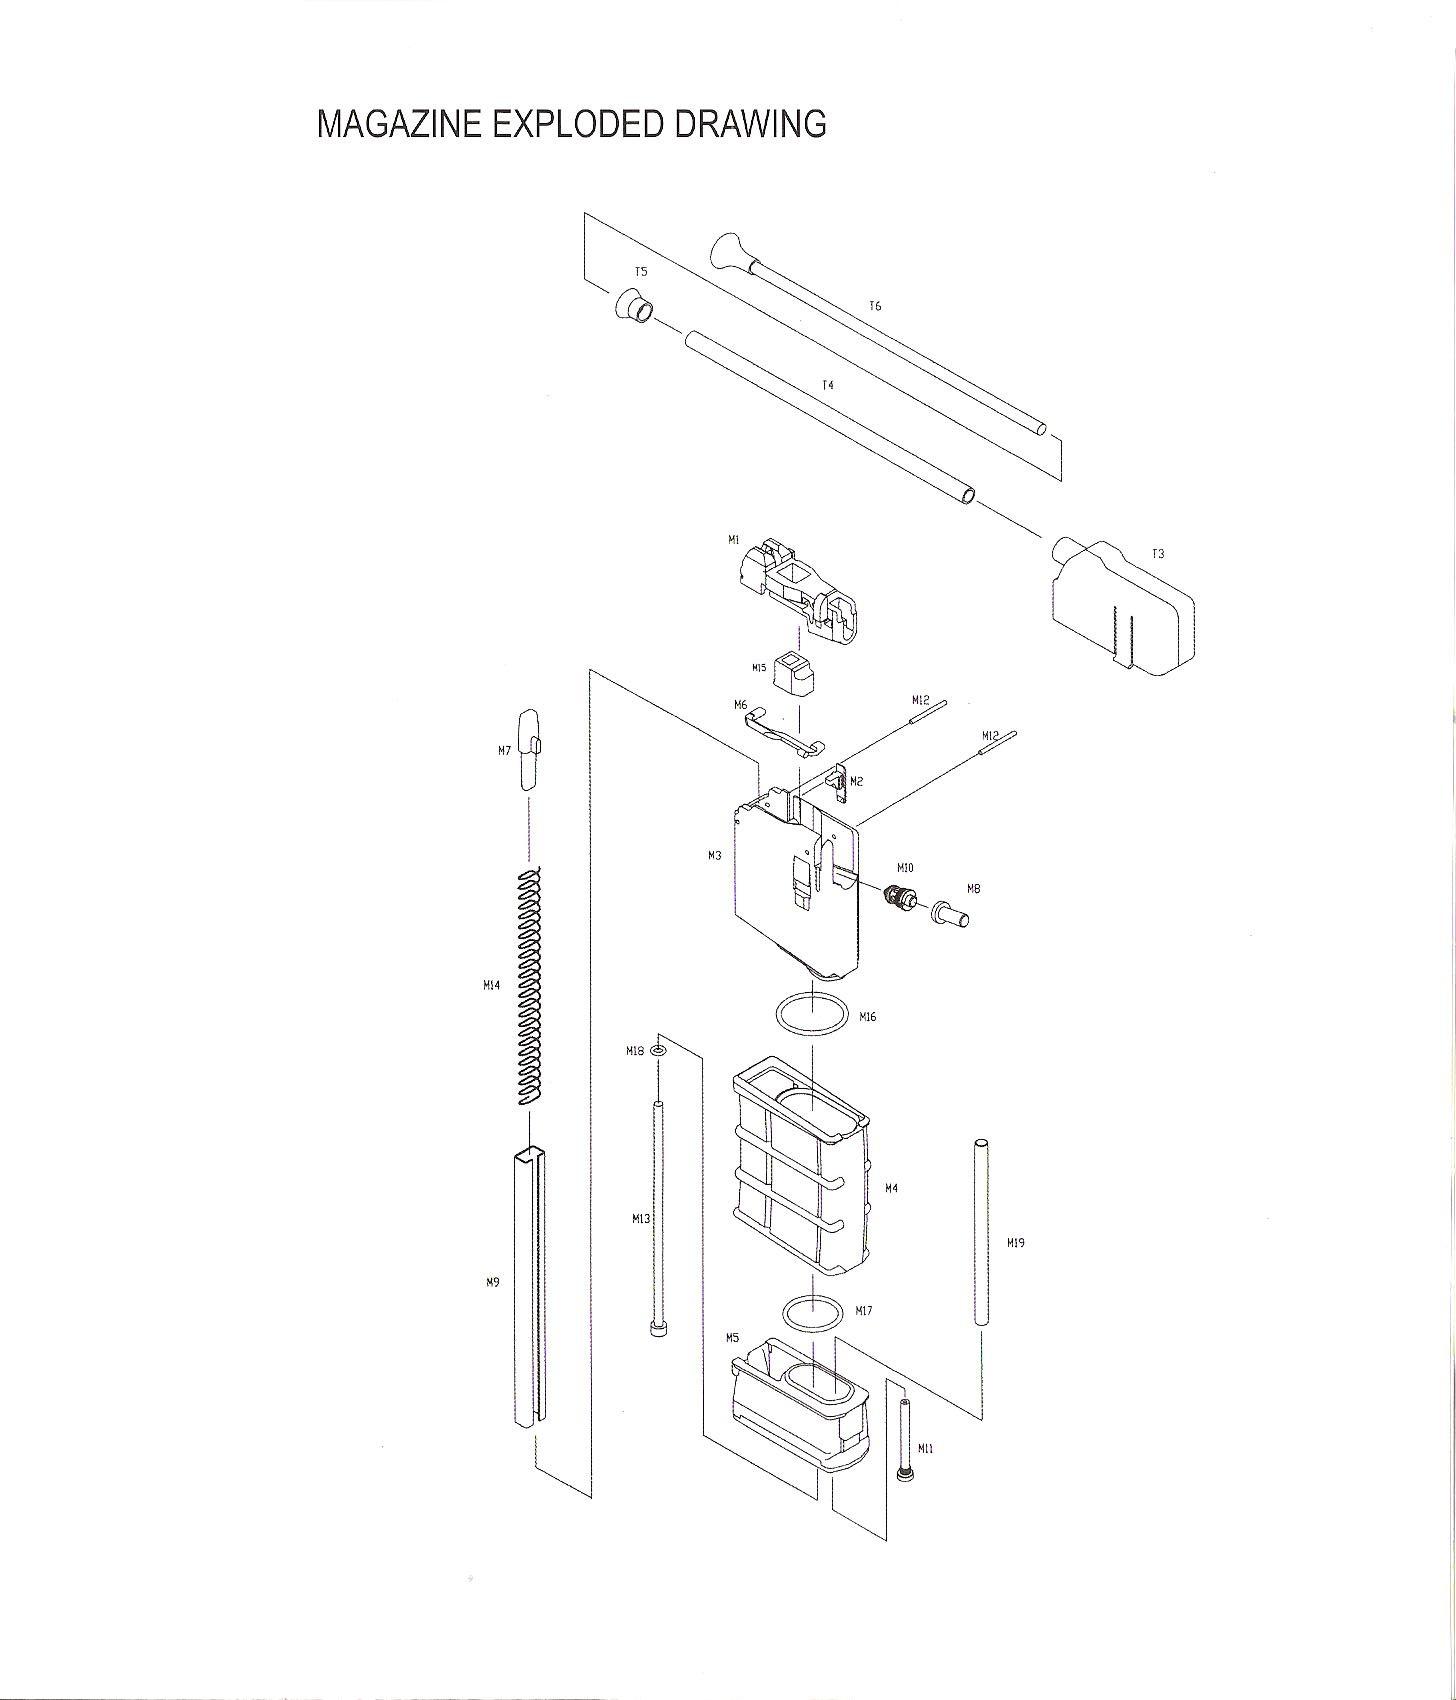 Éclaté réplique , Éclaté chargeur , Liste des pièces , détail M4  853234eclatchargeurkjw001-2d66be3